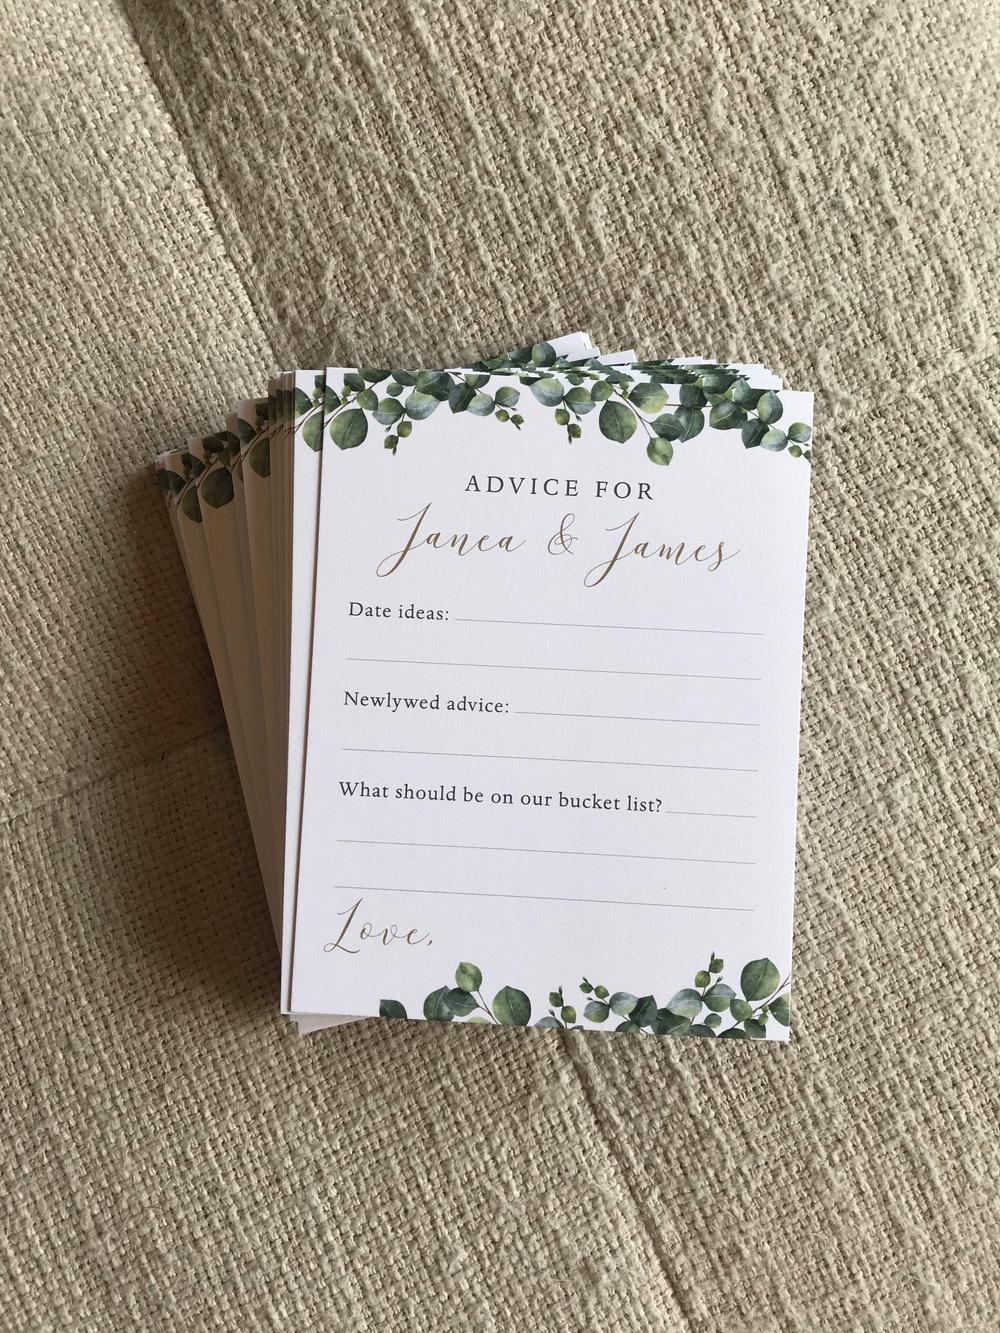 advicecards.jpg